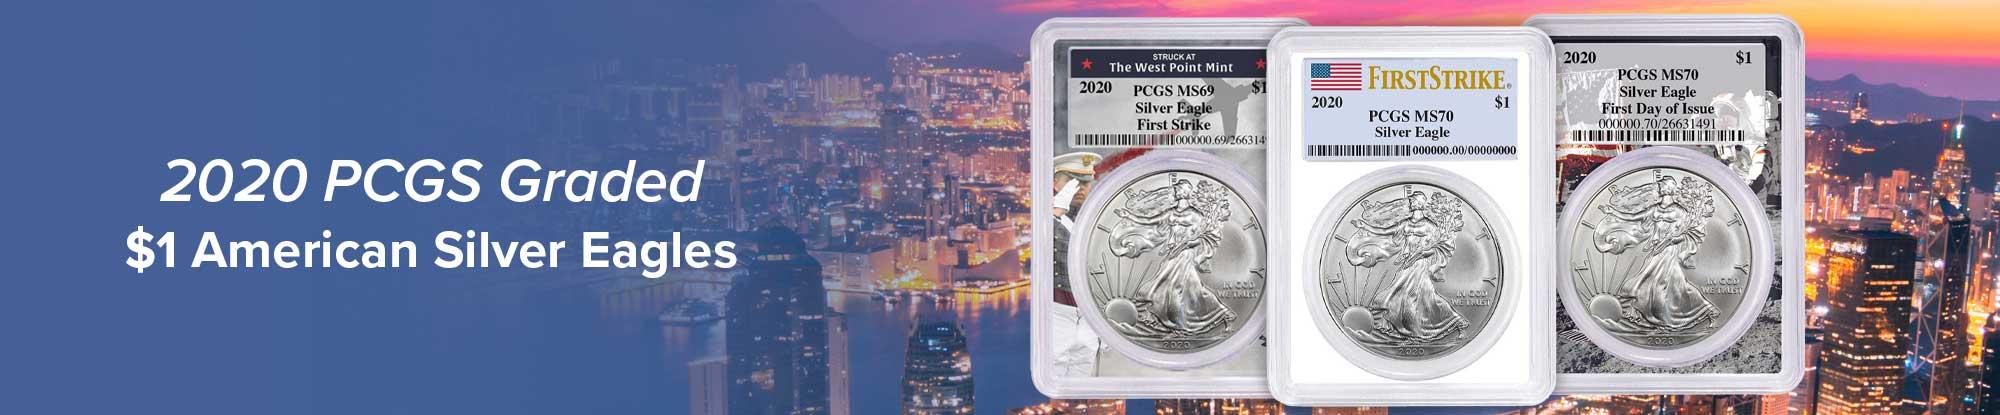 2020 PCGS Graded $1 American Silver Eagle